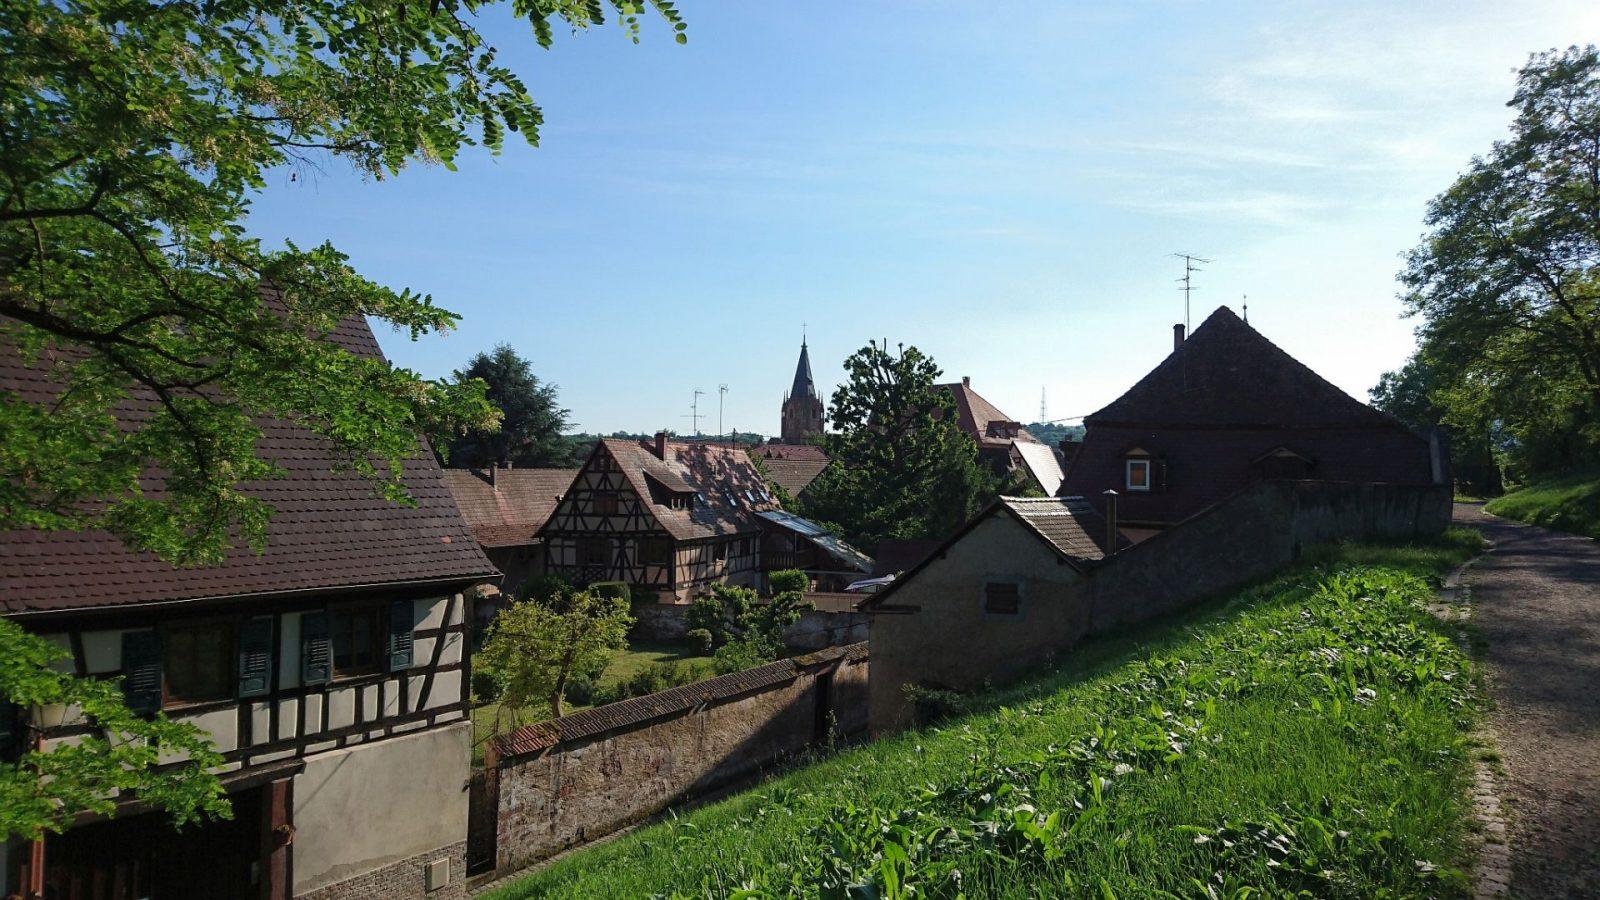 Blick über die Stadt Wissembourg vom ehemaligen Festungswall aus